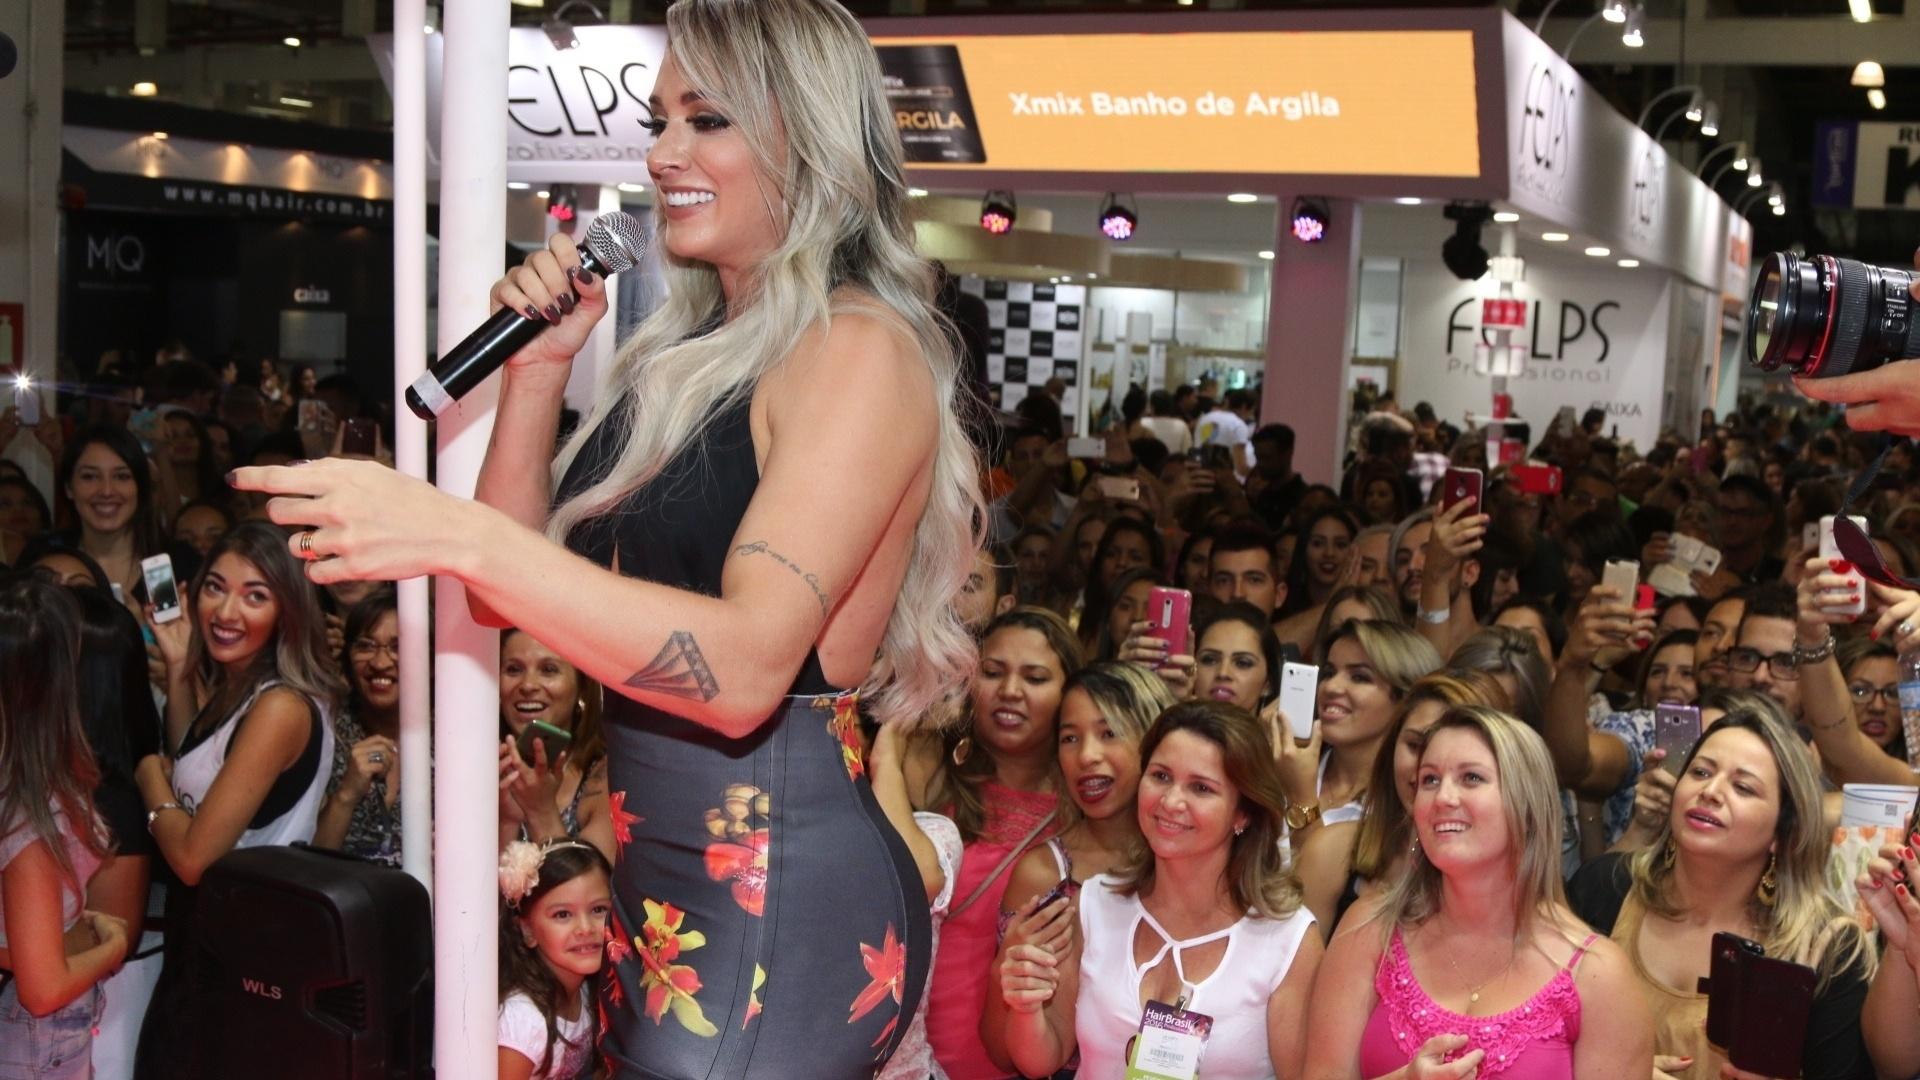 17.abr.2016 - Juju Salimeni marcou presença na feira Hair Brasil, em São Paulo. Decotadíssima, a loira quase mostrou demais ao chegar no stand de uma das marcas que estão expostas no evento.